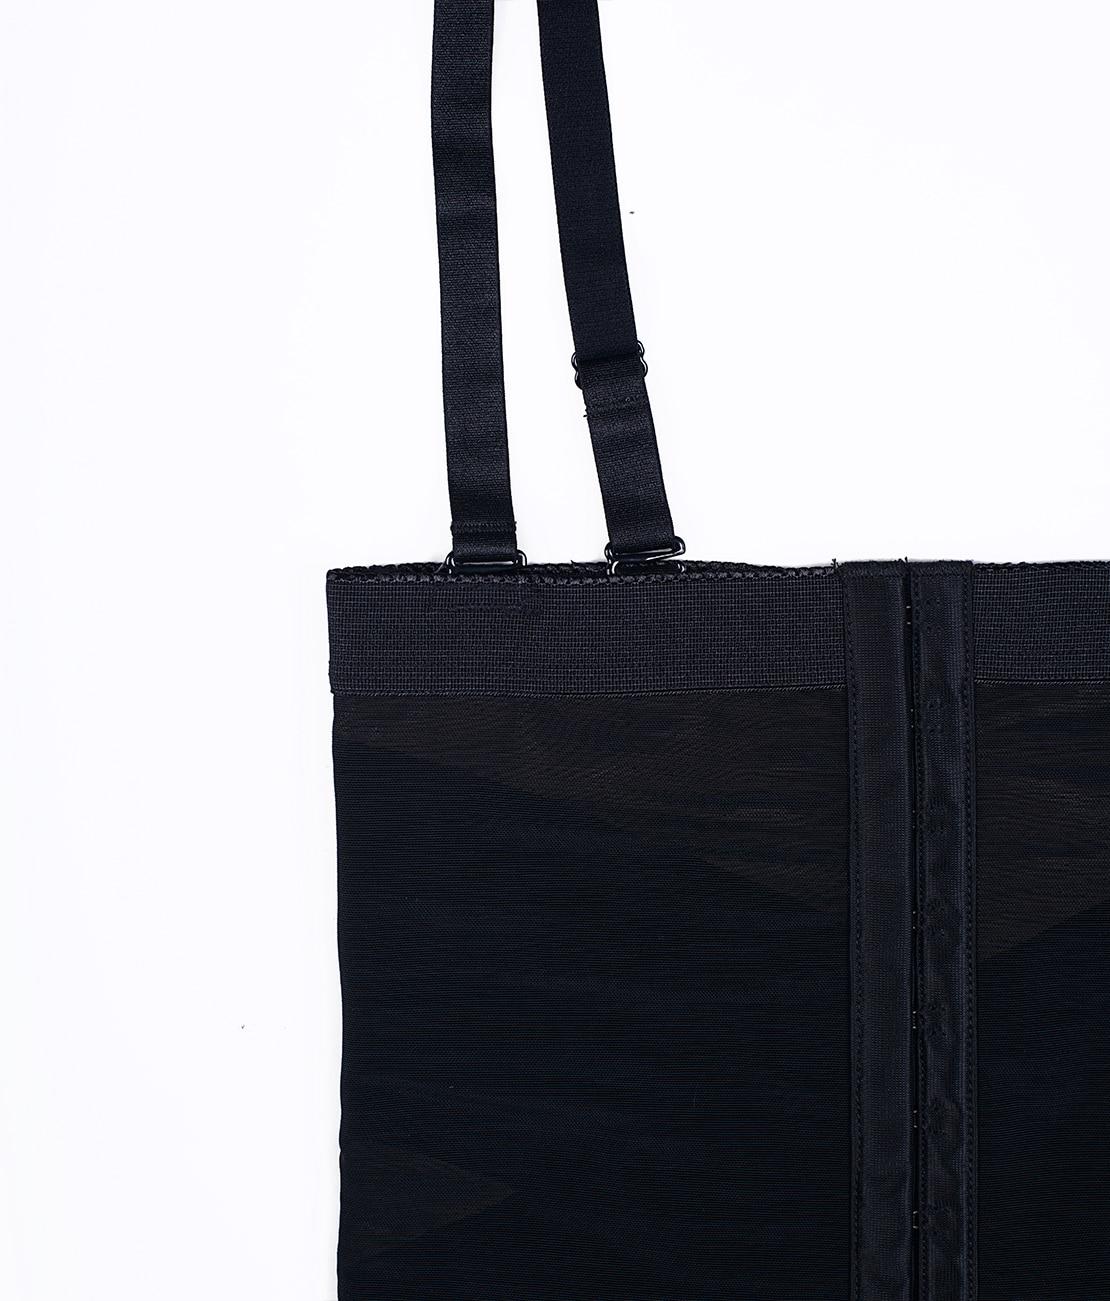 Le Panty Noir Transparent Packshot Detail 4